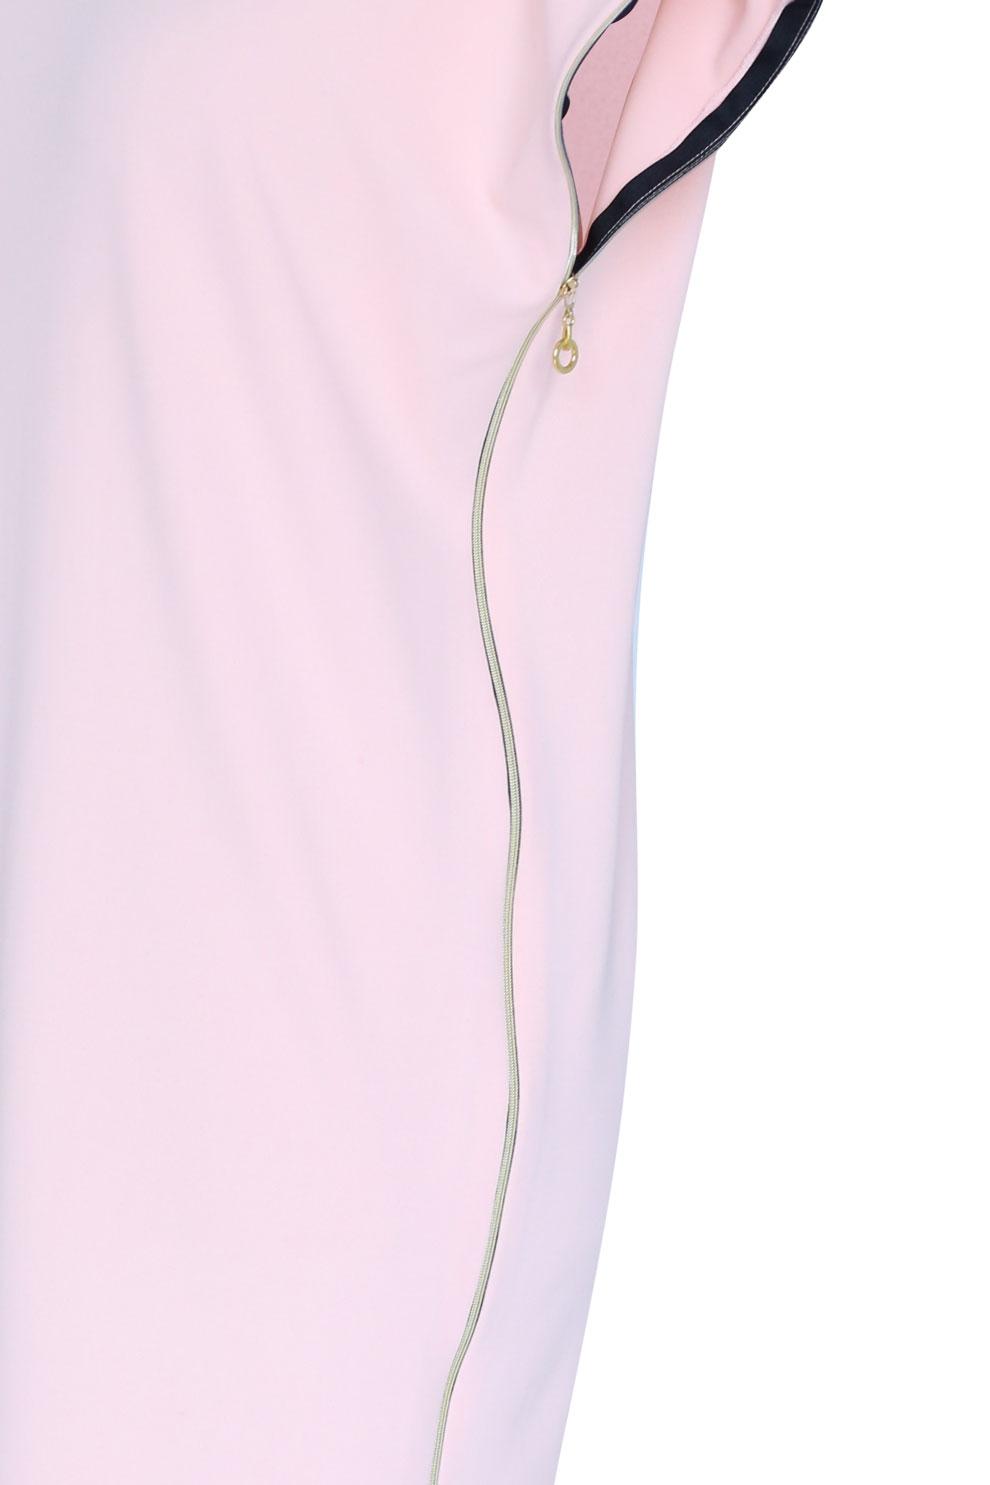 ab77171c Pudrowa sukienka z suwakami EDITH - Sklep plus size XL-ka